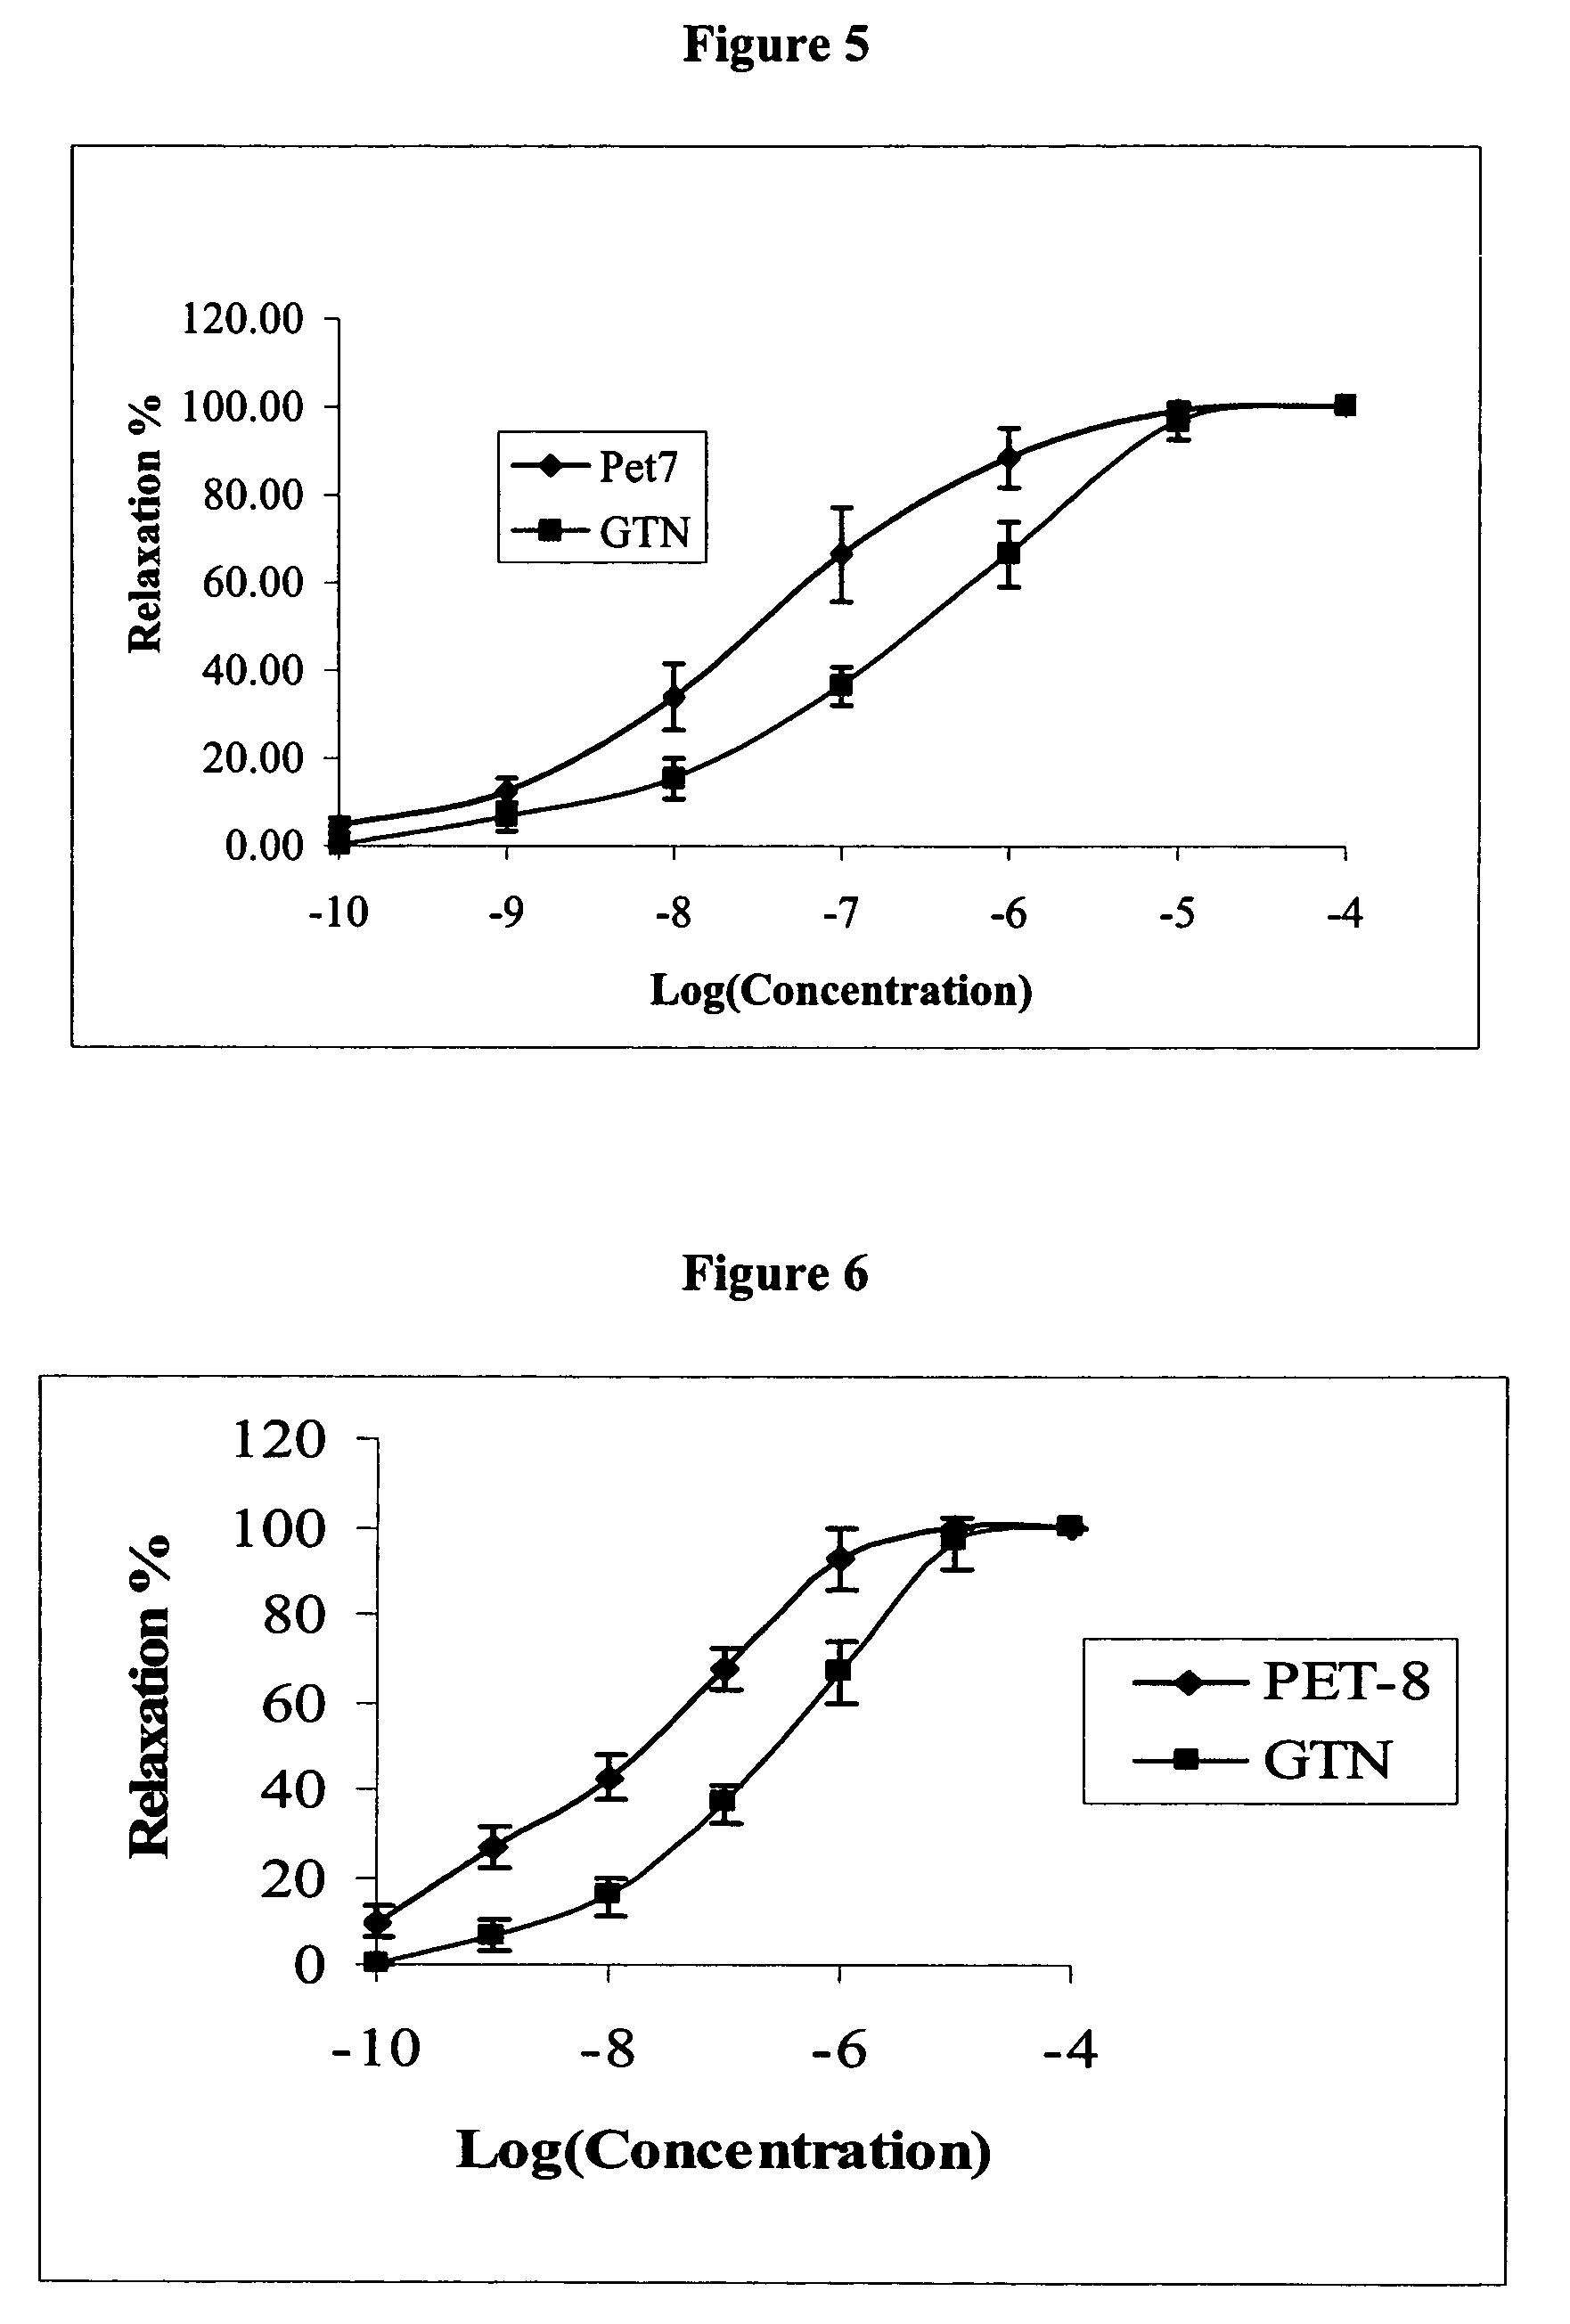 2-bis(nitrooxy)ethane